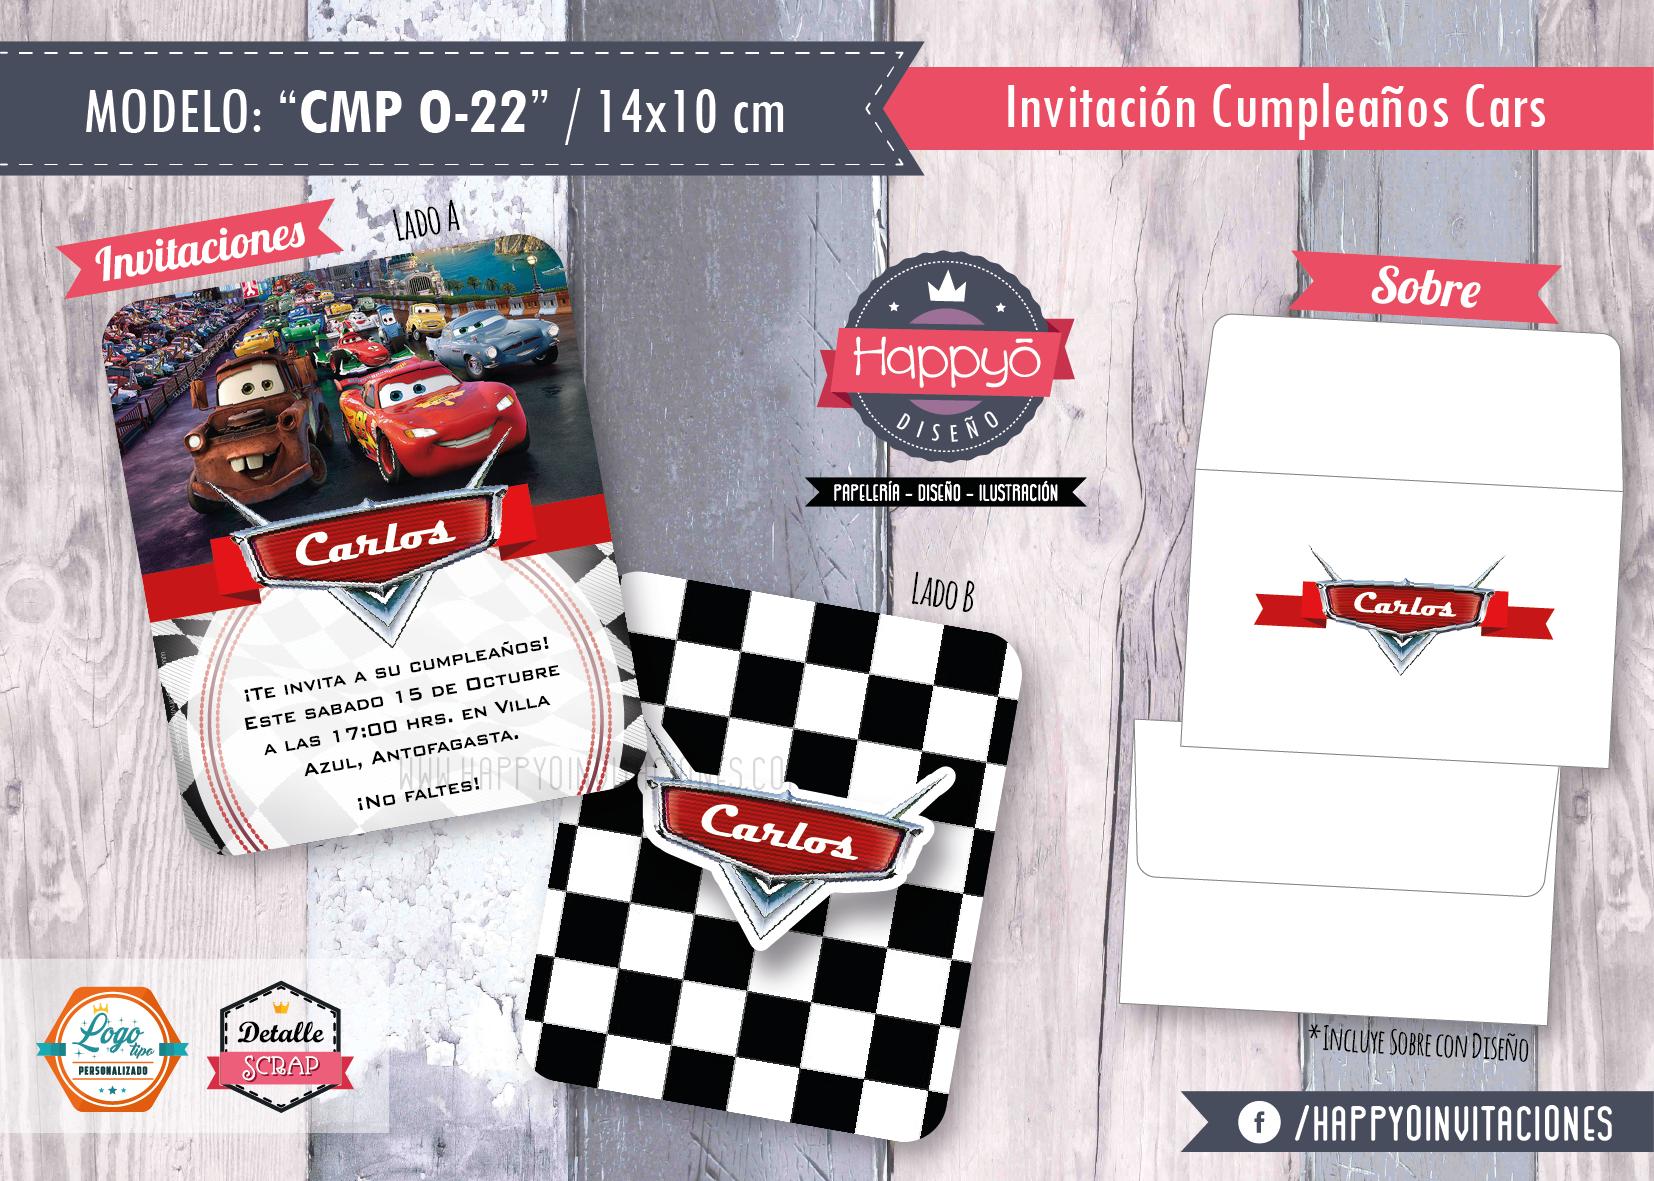 Invitaciones Cumpleaños Cars Niño Happyoinvitaciones